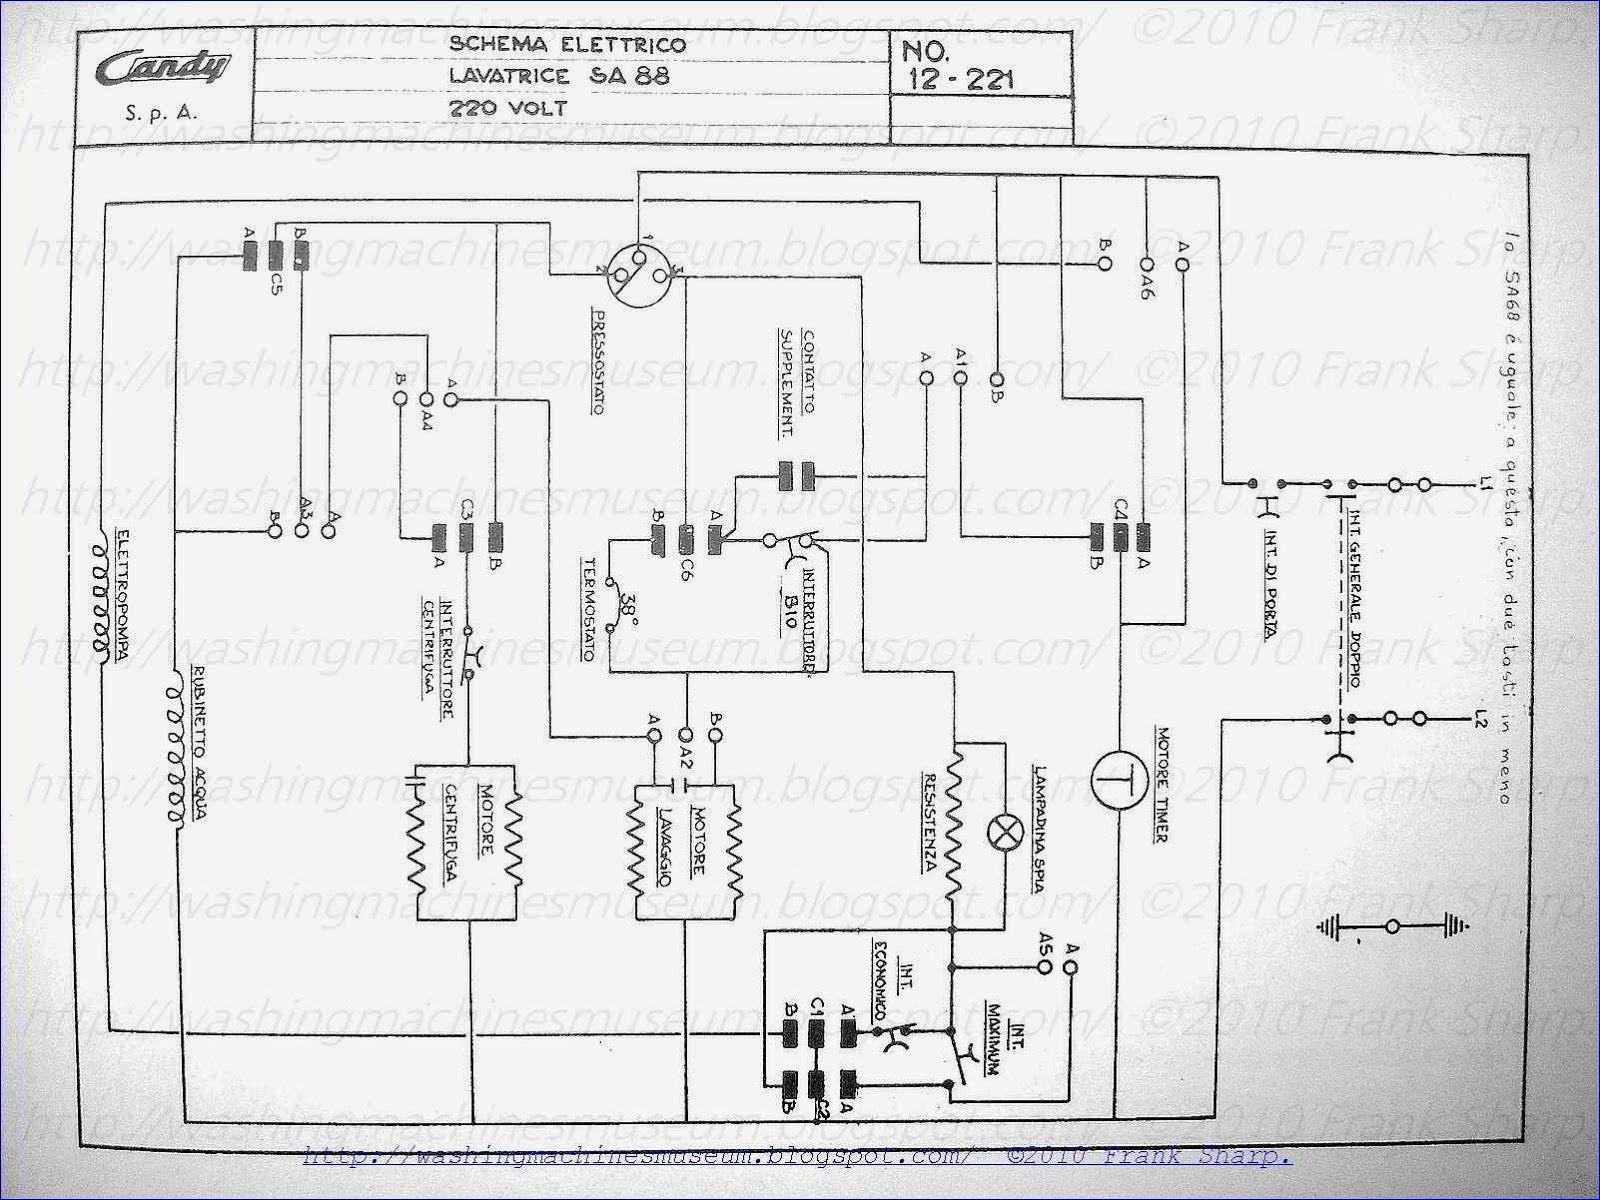 hight resolution of washing machine schematic diagram